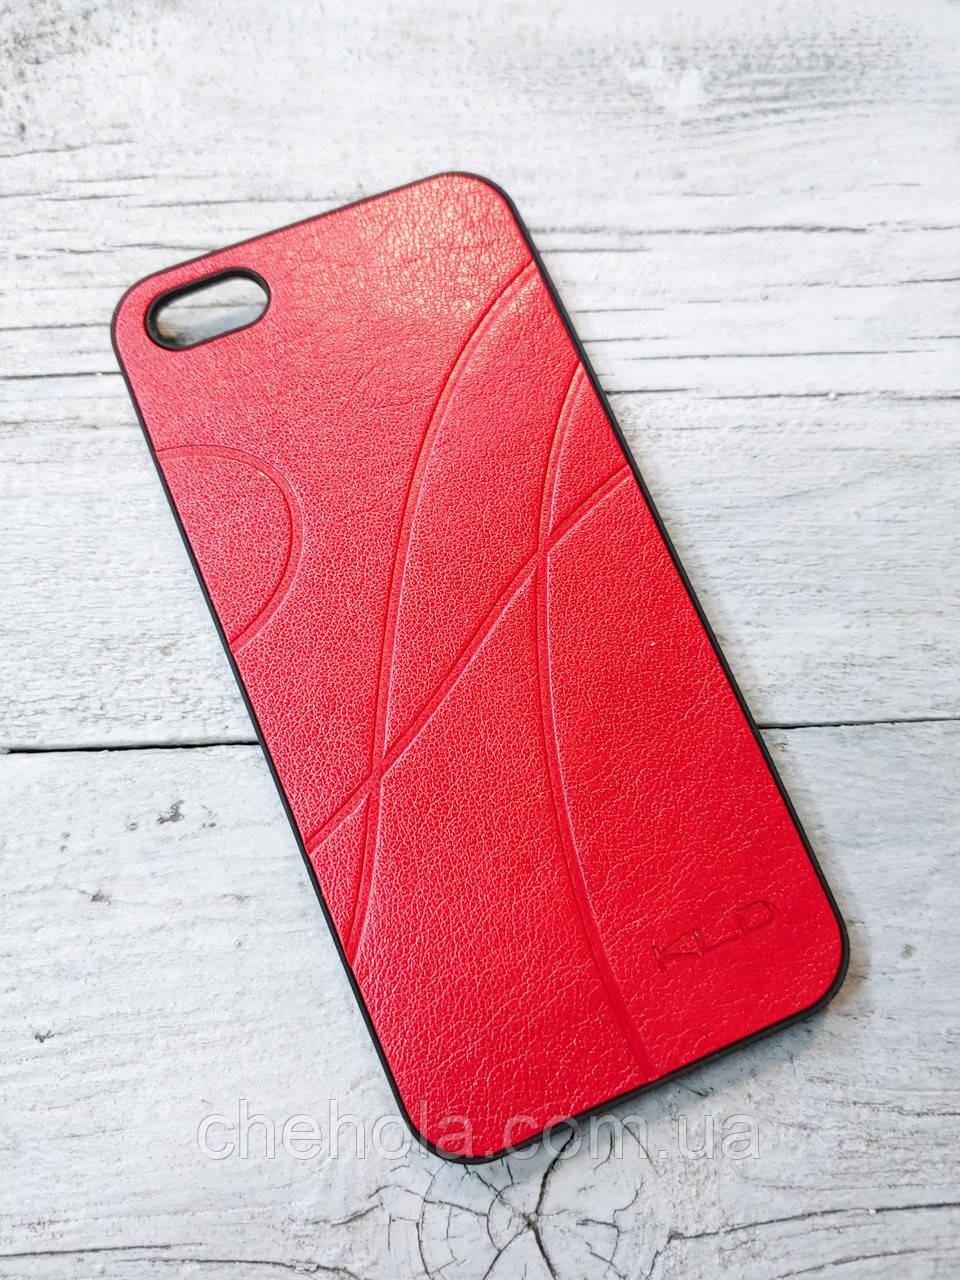 Шкіряний Чохол для Iphone 5 5S SE KLD Червоний